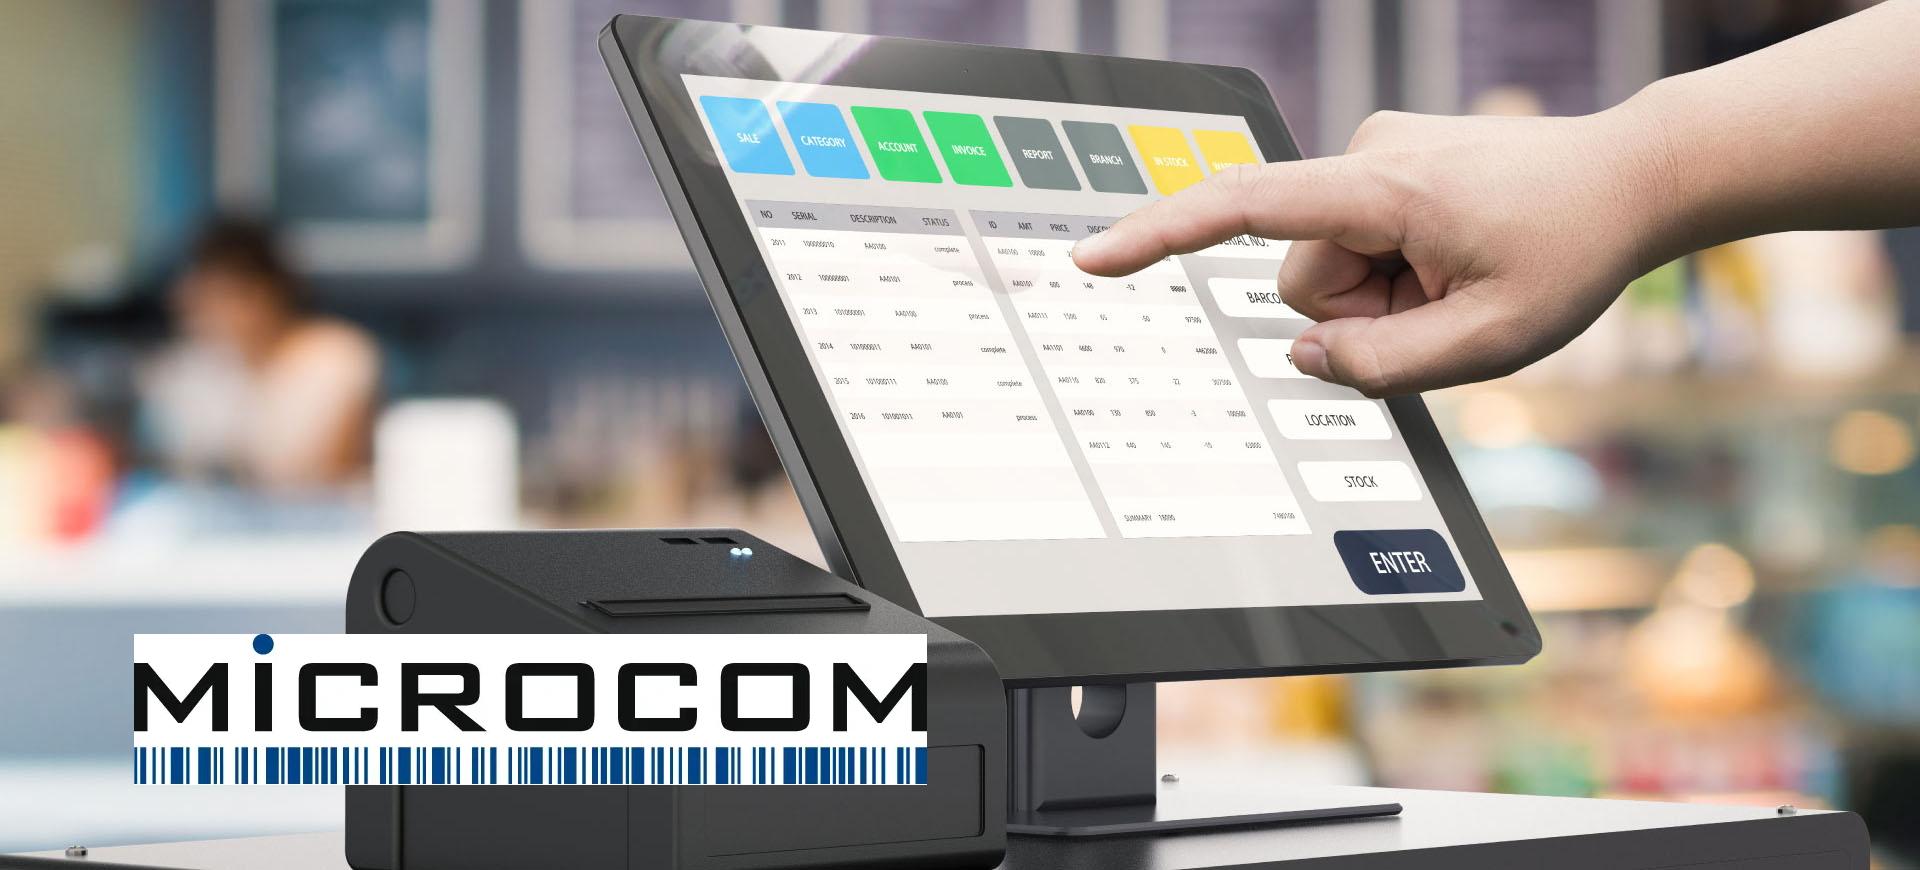 MICROCOM: Cloud hosting der giver fleksibilitet